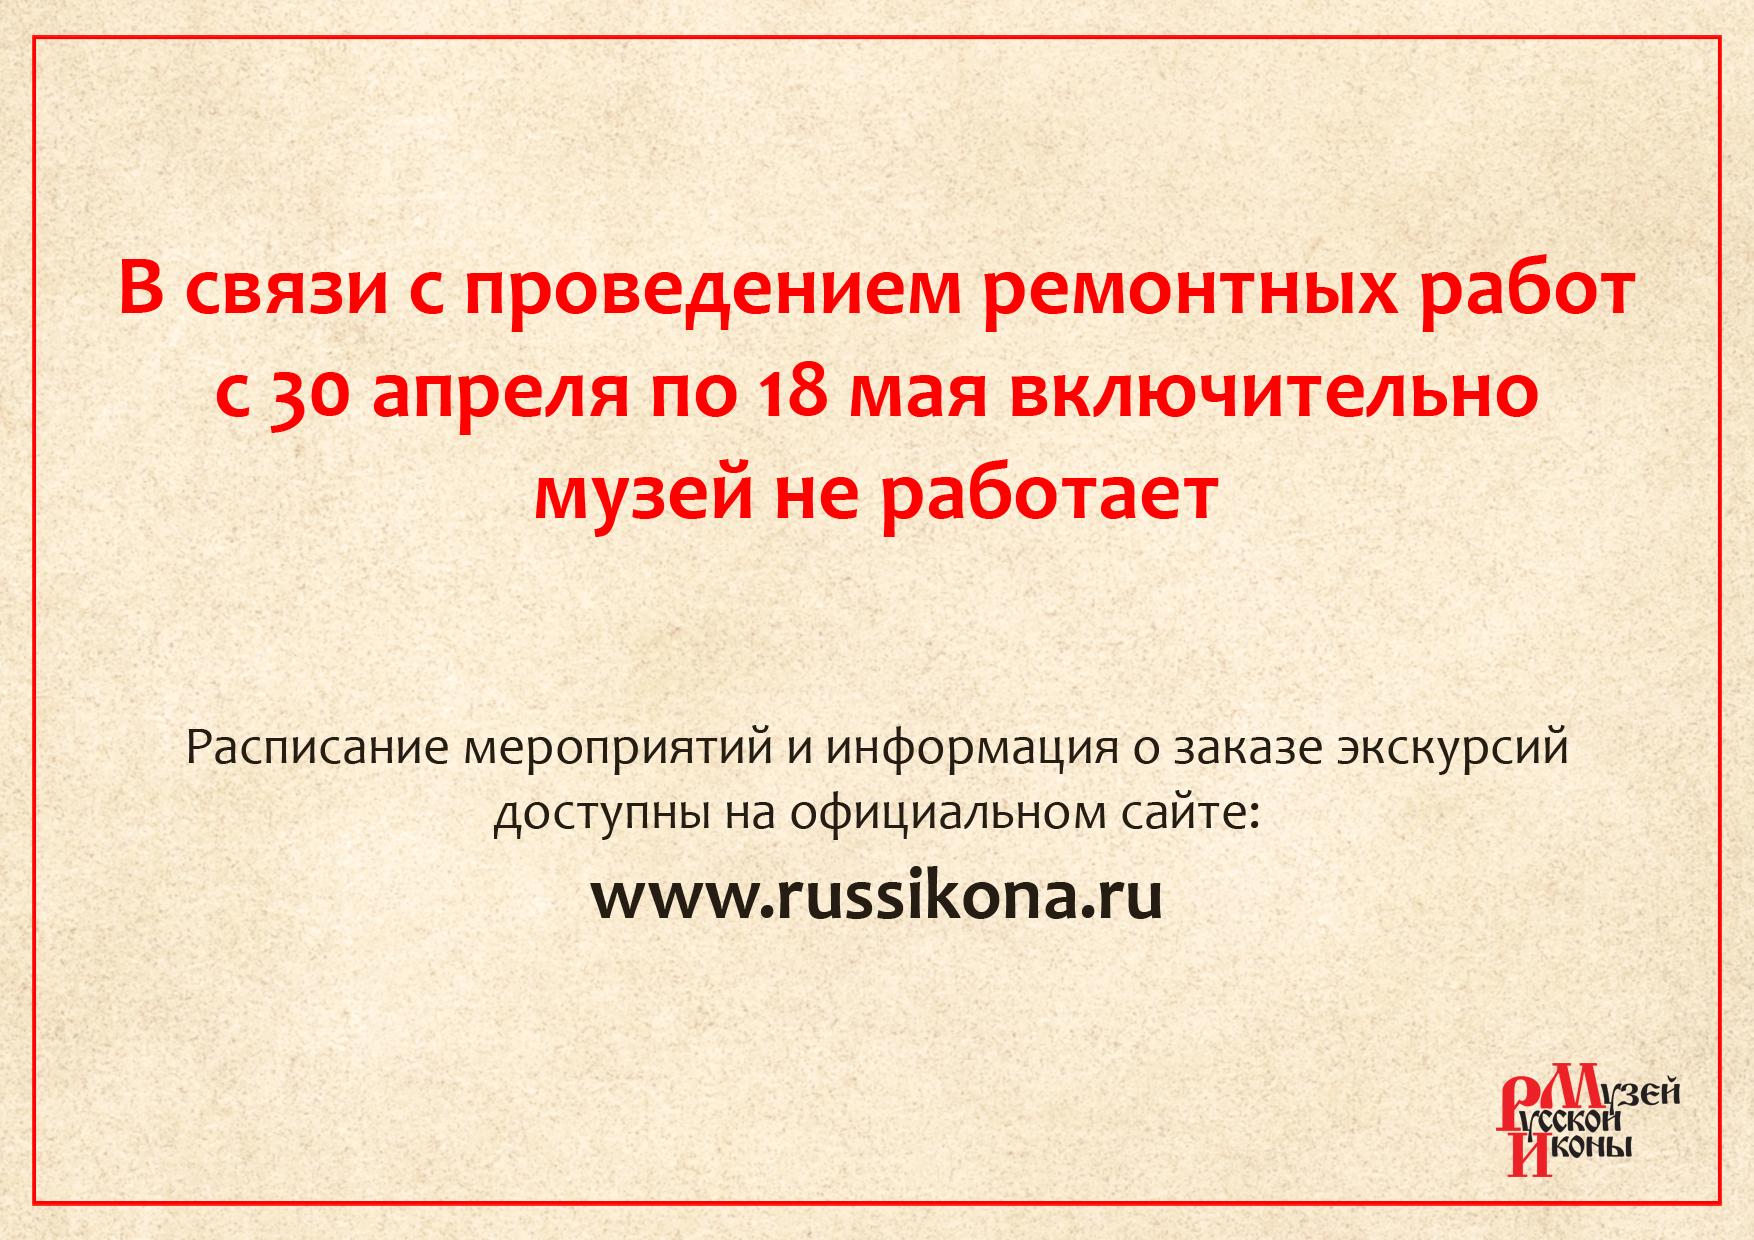 С 30 апреля по 18 мая включительно музей не работает